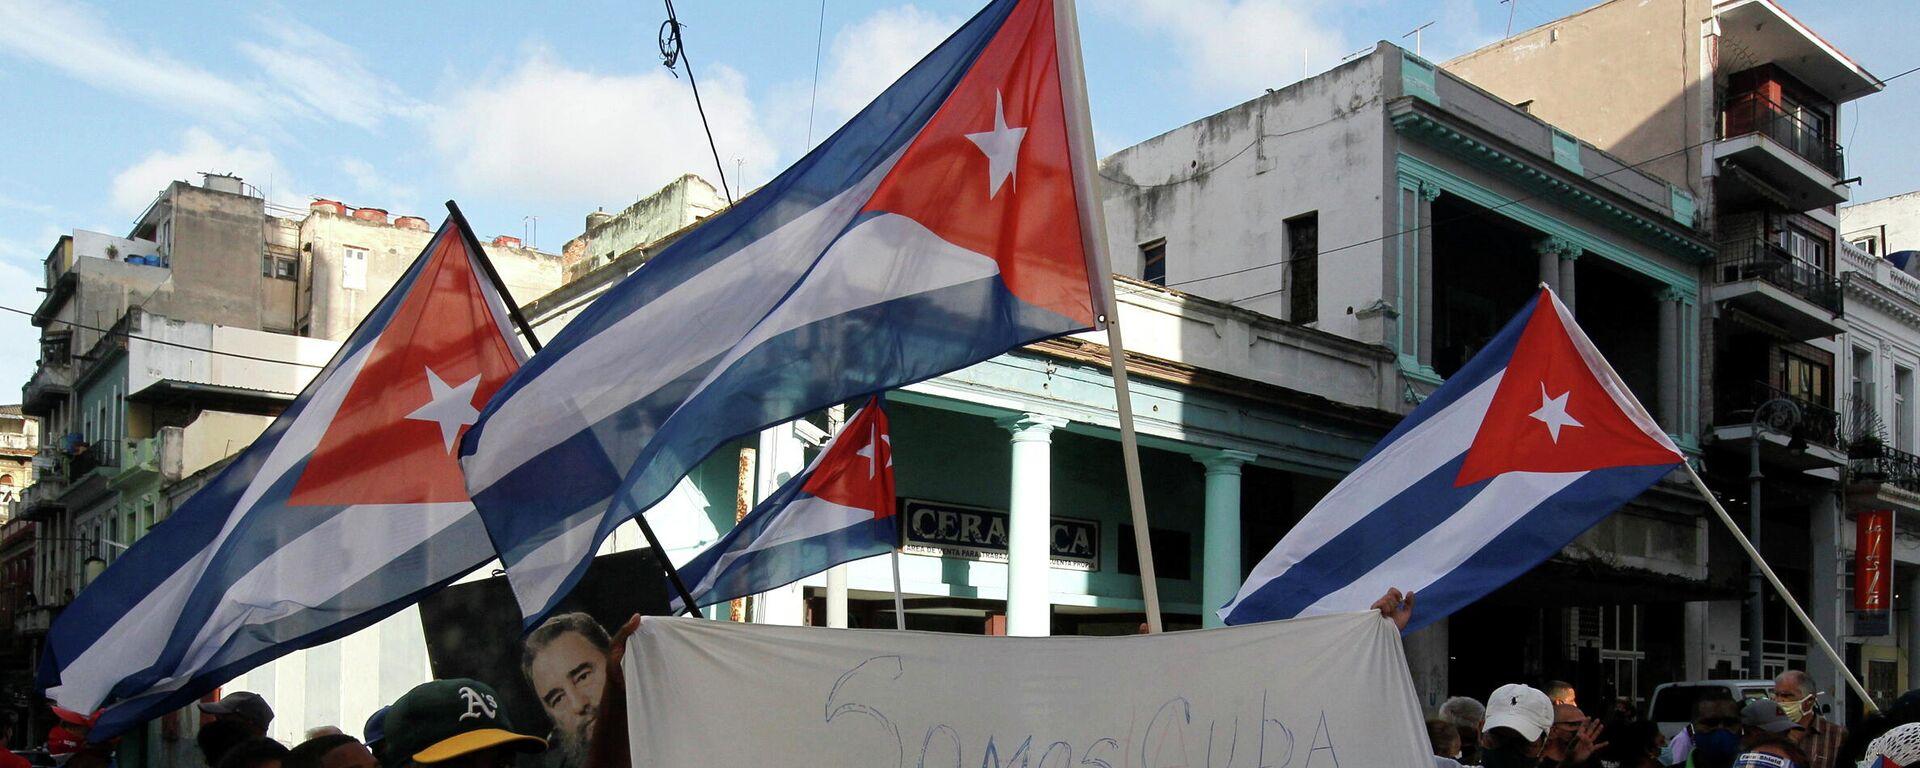 Manifestación de los partidarios del Gobierno de Cuba - Sputnik Mundo, 1920, 12.07.2021